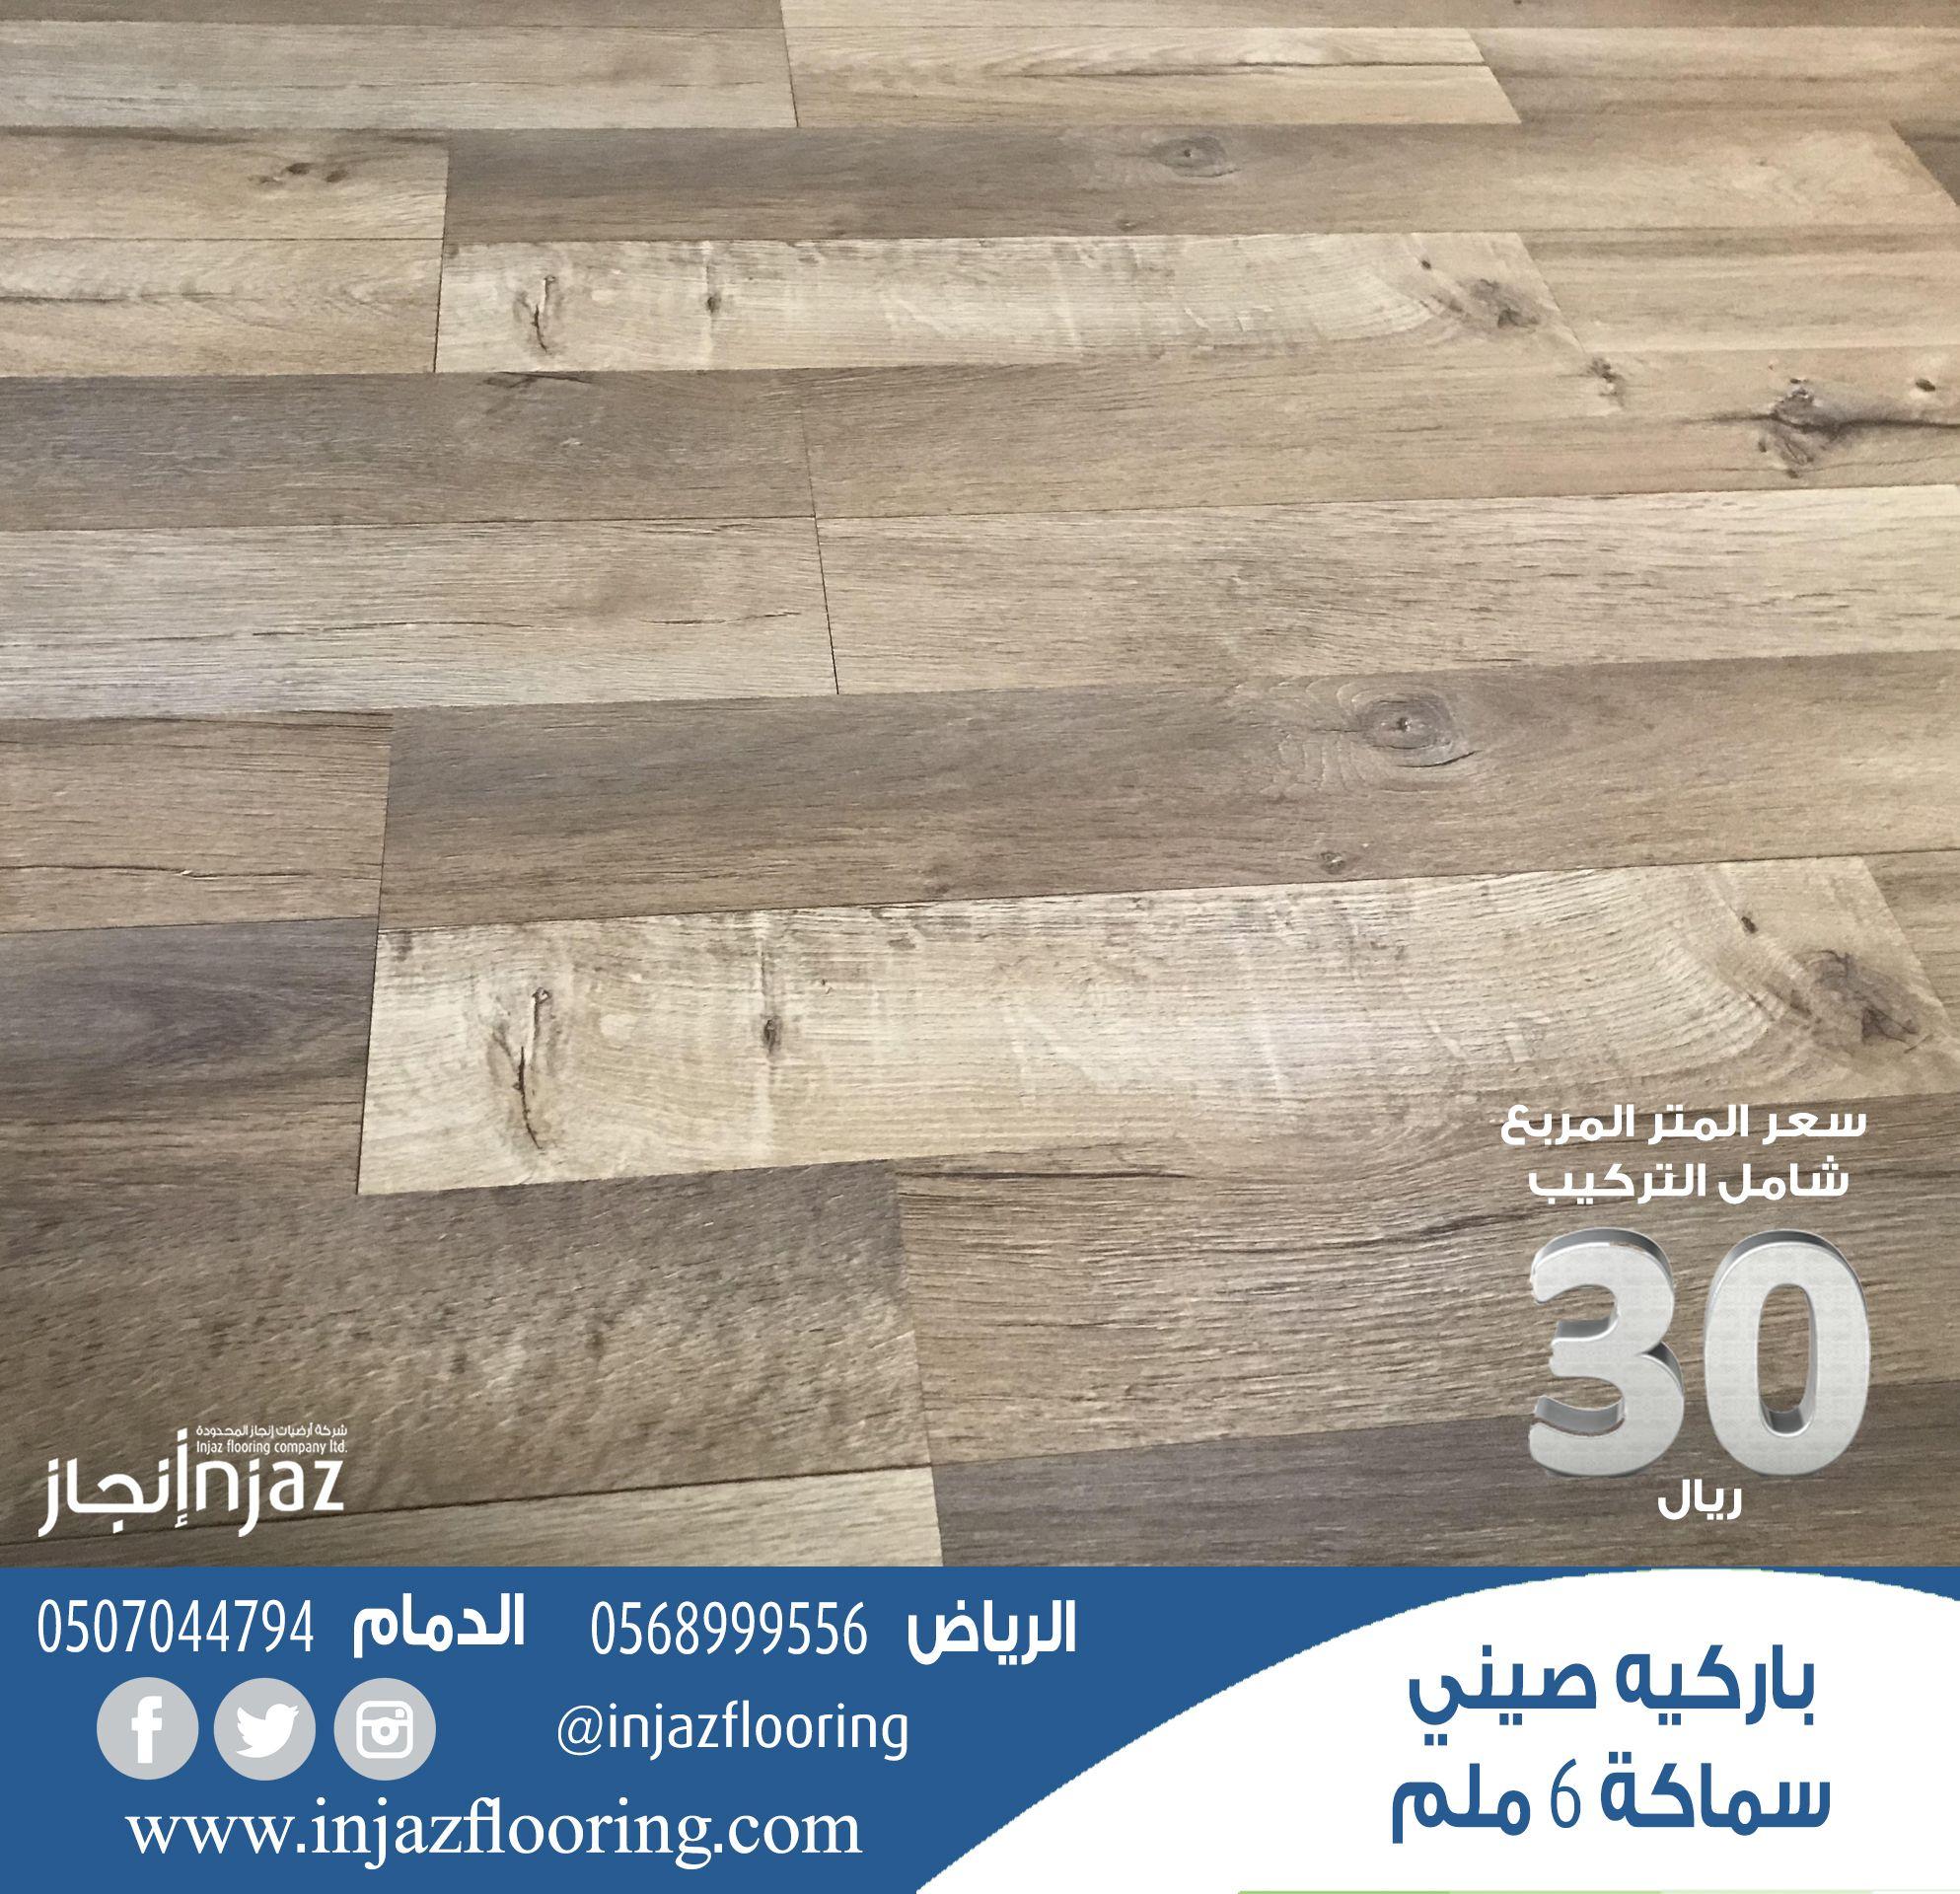 باركيه صيني مع التركيب 30 ريال Wood Laminate Flooring Wood Laminate Flooring